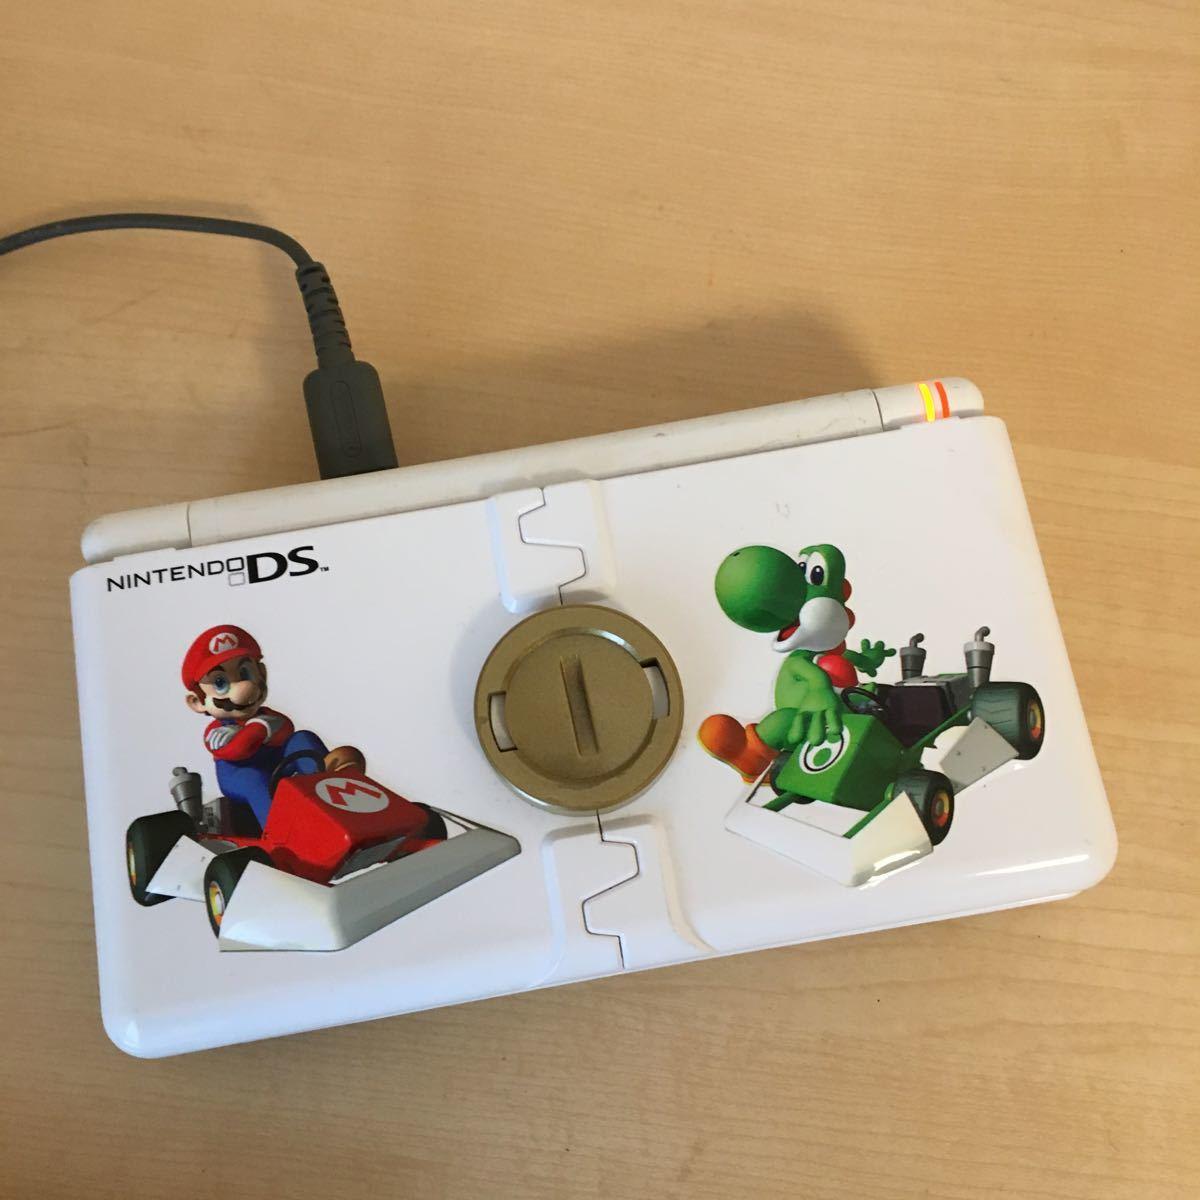 【セット】NINTENDO 任天堂 DS 白 充電器 マリオ ハードカバー ゲーム付き ソフト _画像3